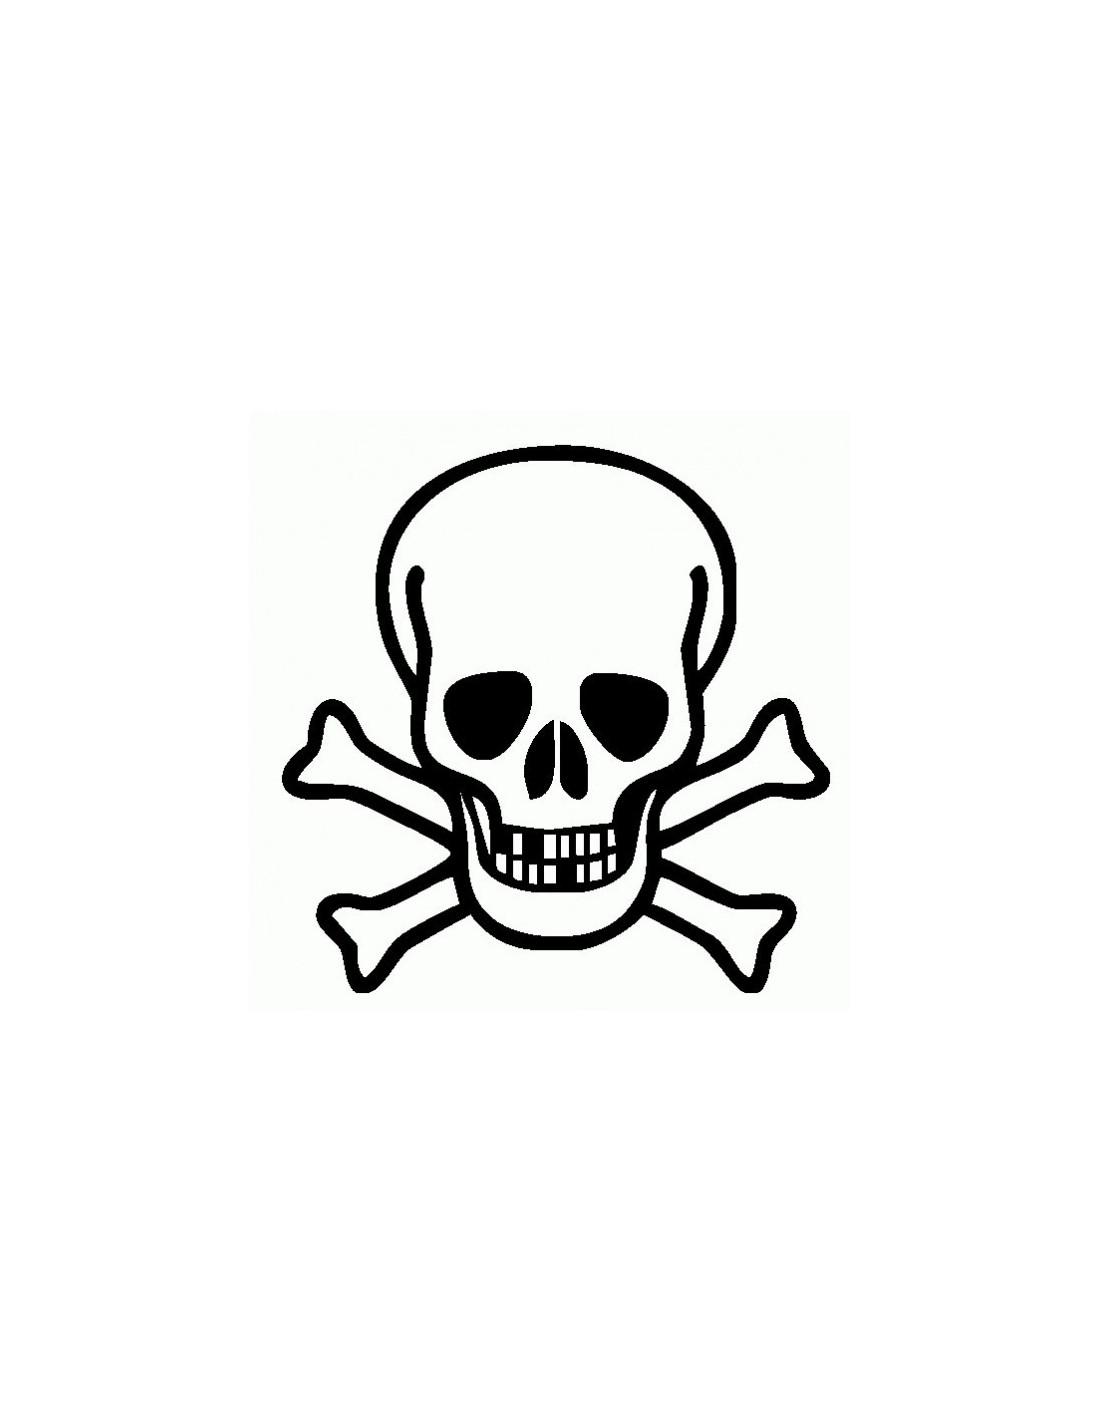 Immagini Di Teschio Pirati teschio pirati - adesivo prespaziato - adesivistore